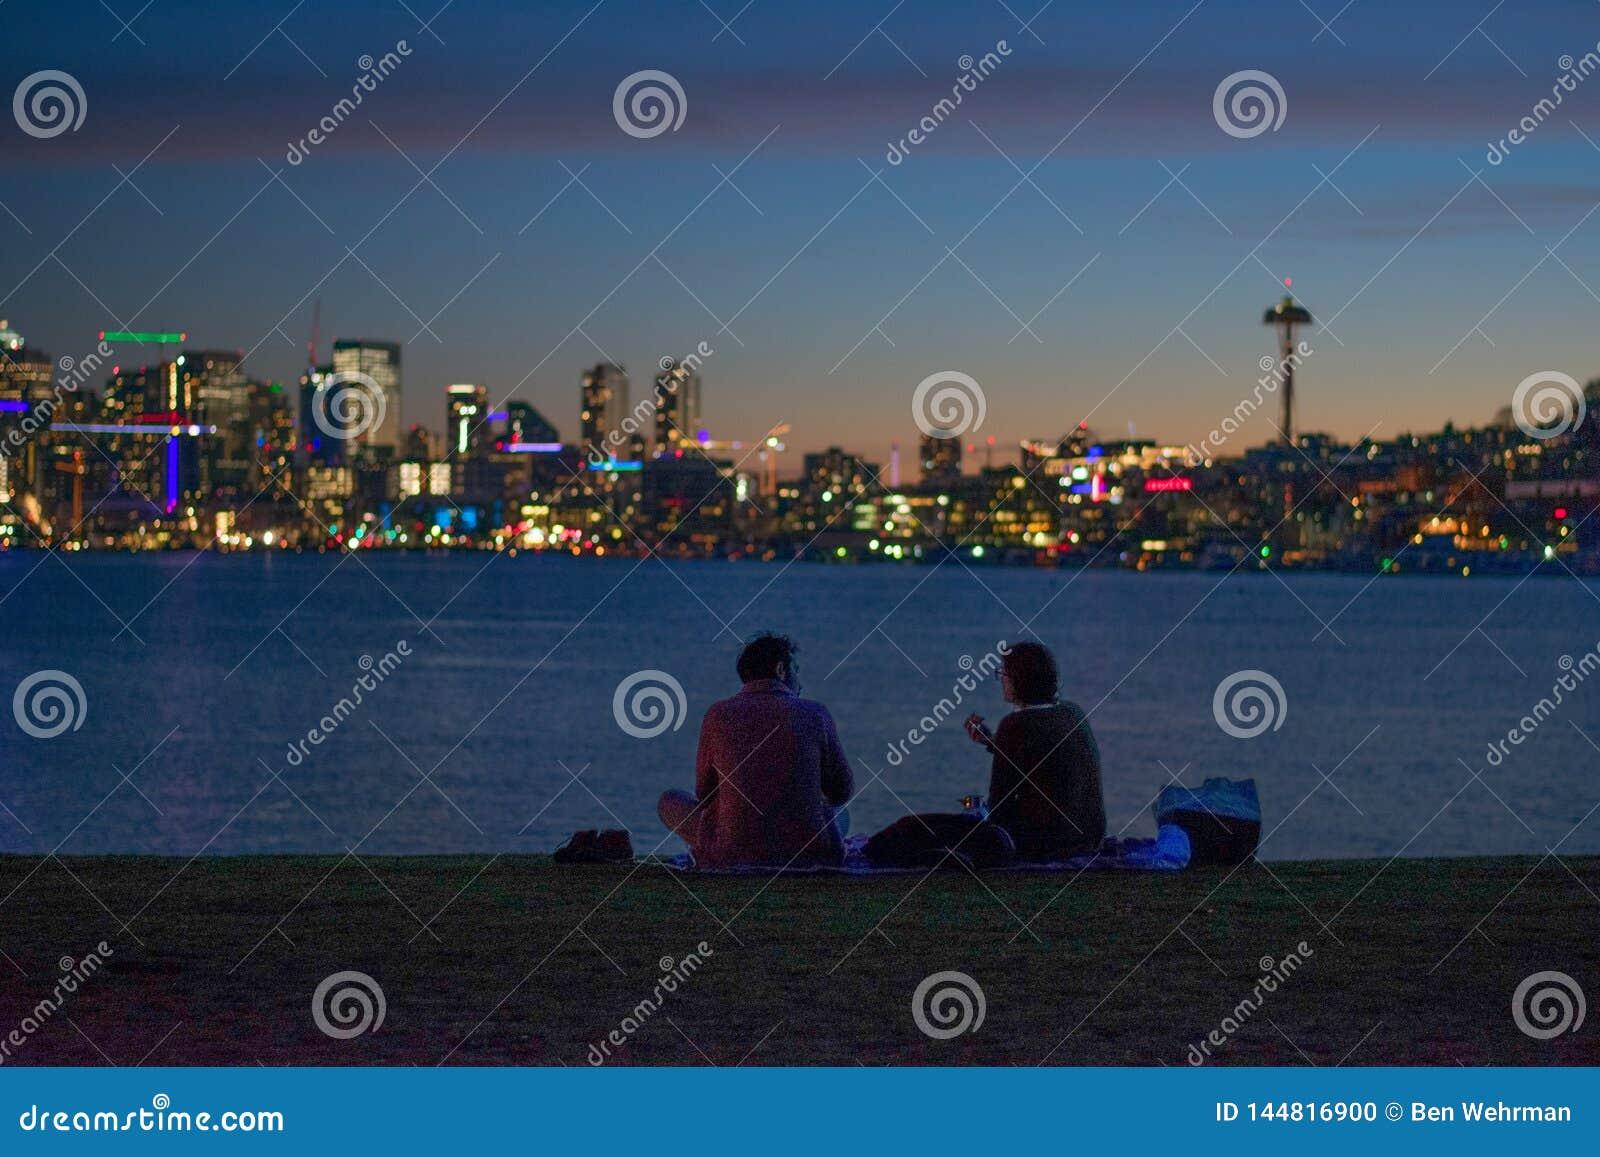 Silhouettiert Haben eines Picknicks in der Stadt